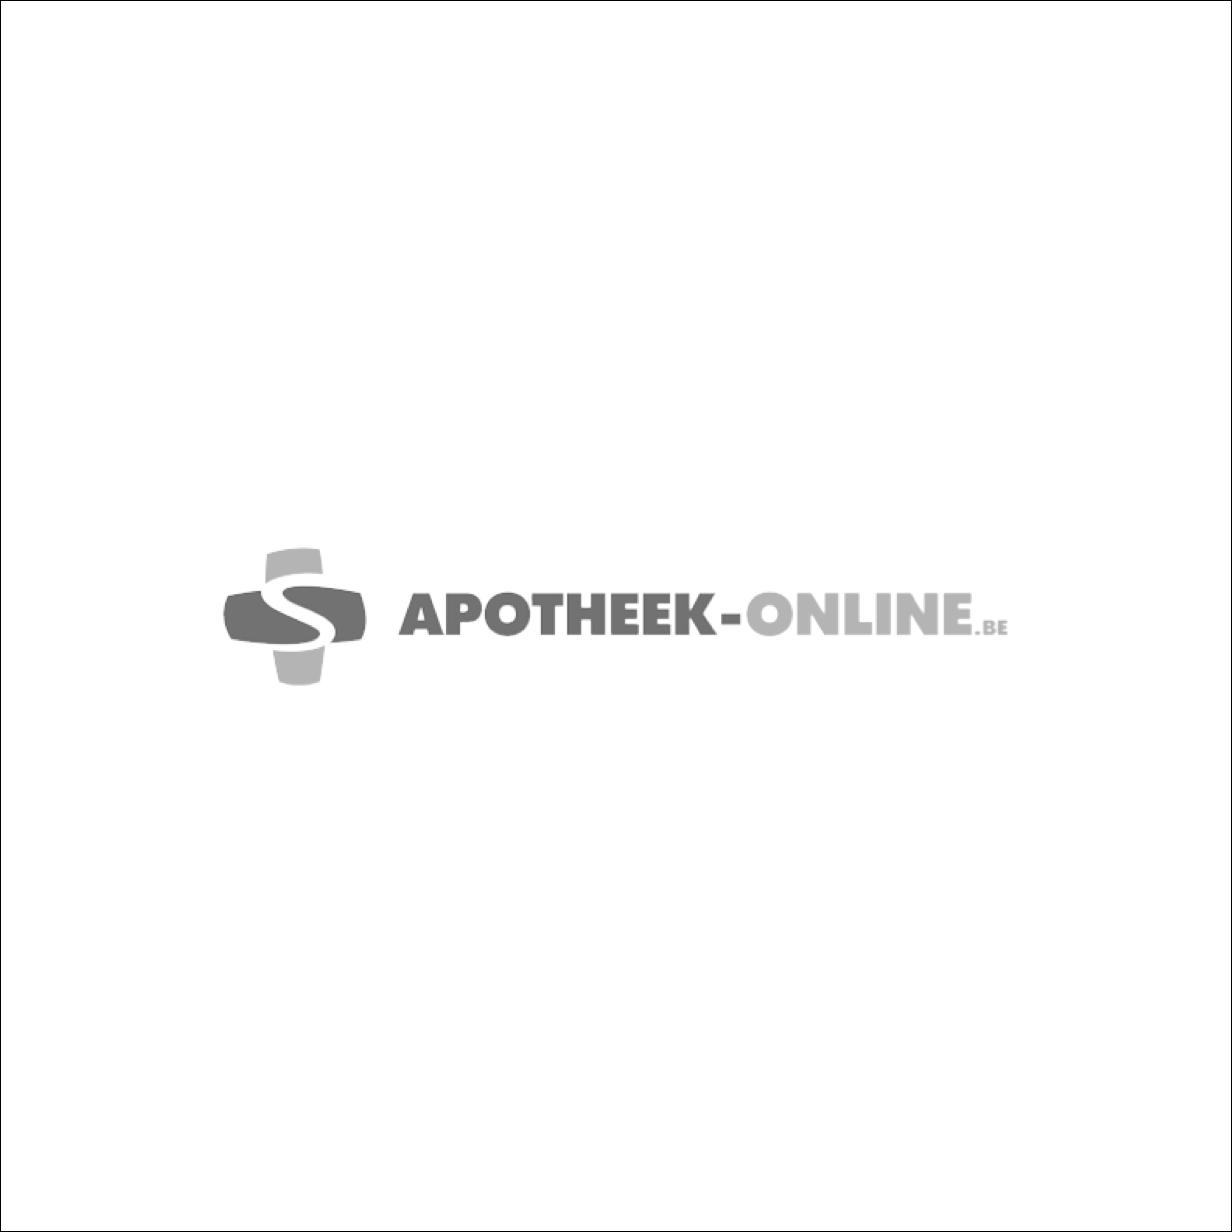 TERUMO AIGUILLE NEOLUS 25G 1 RB ORANGE 100